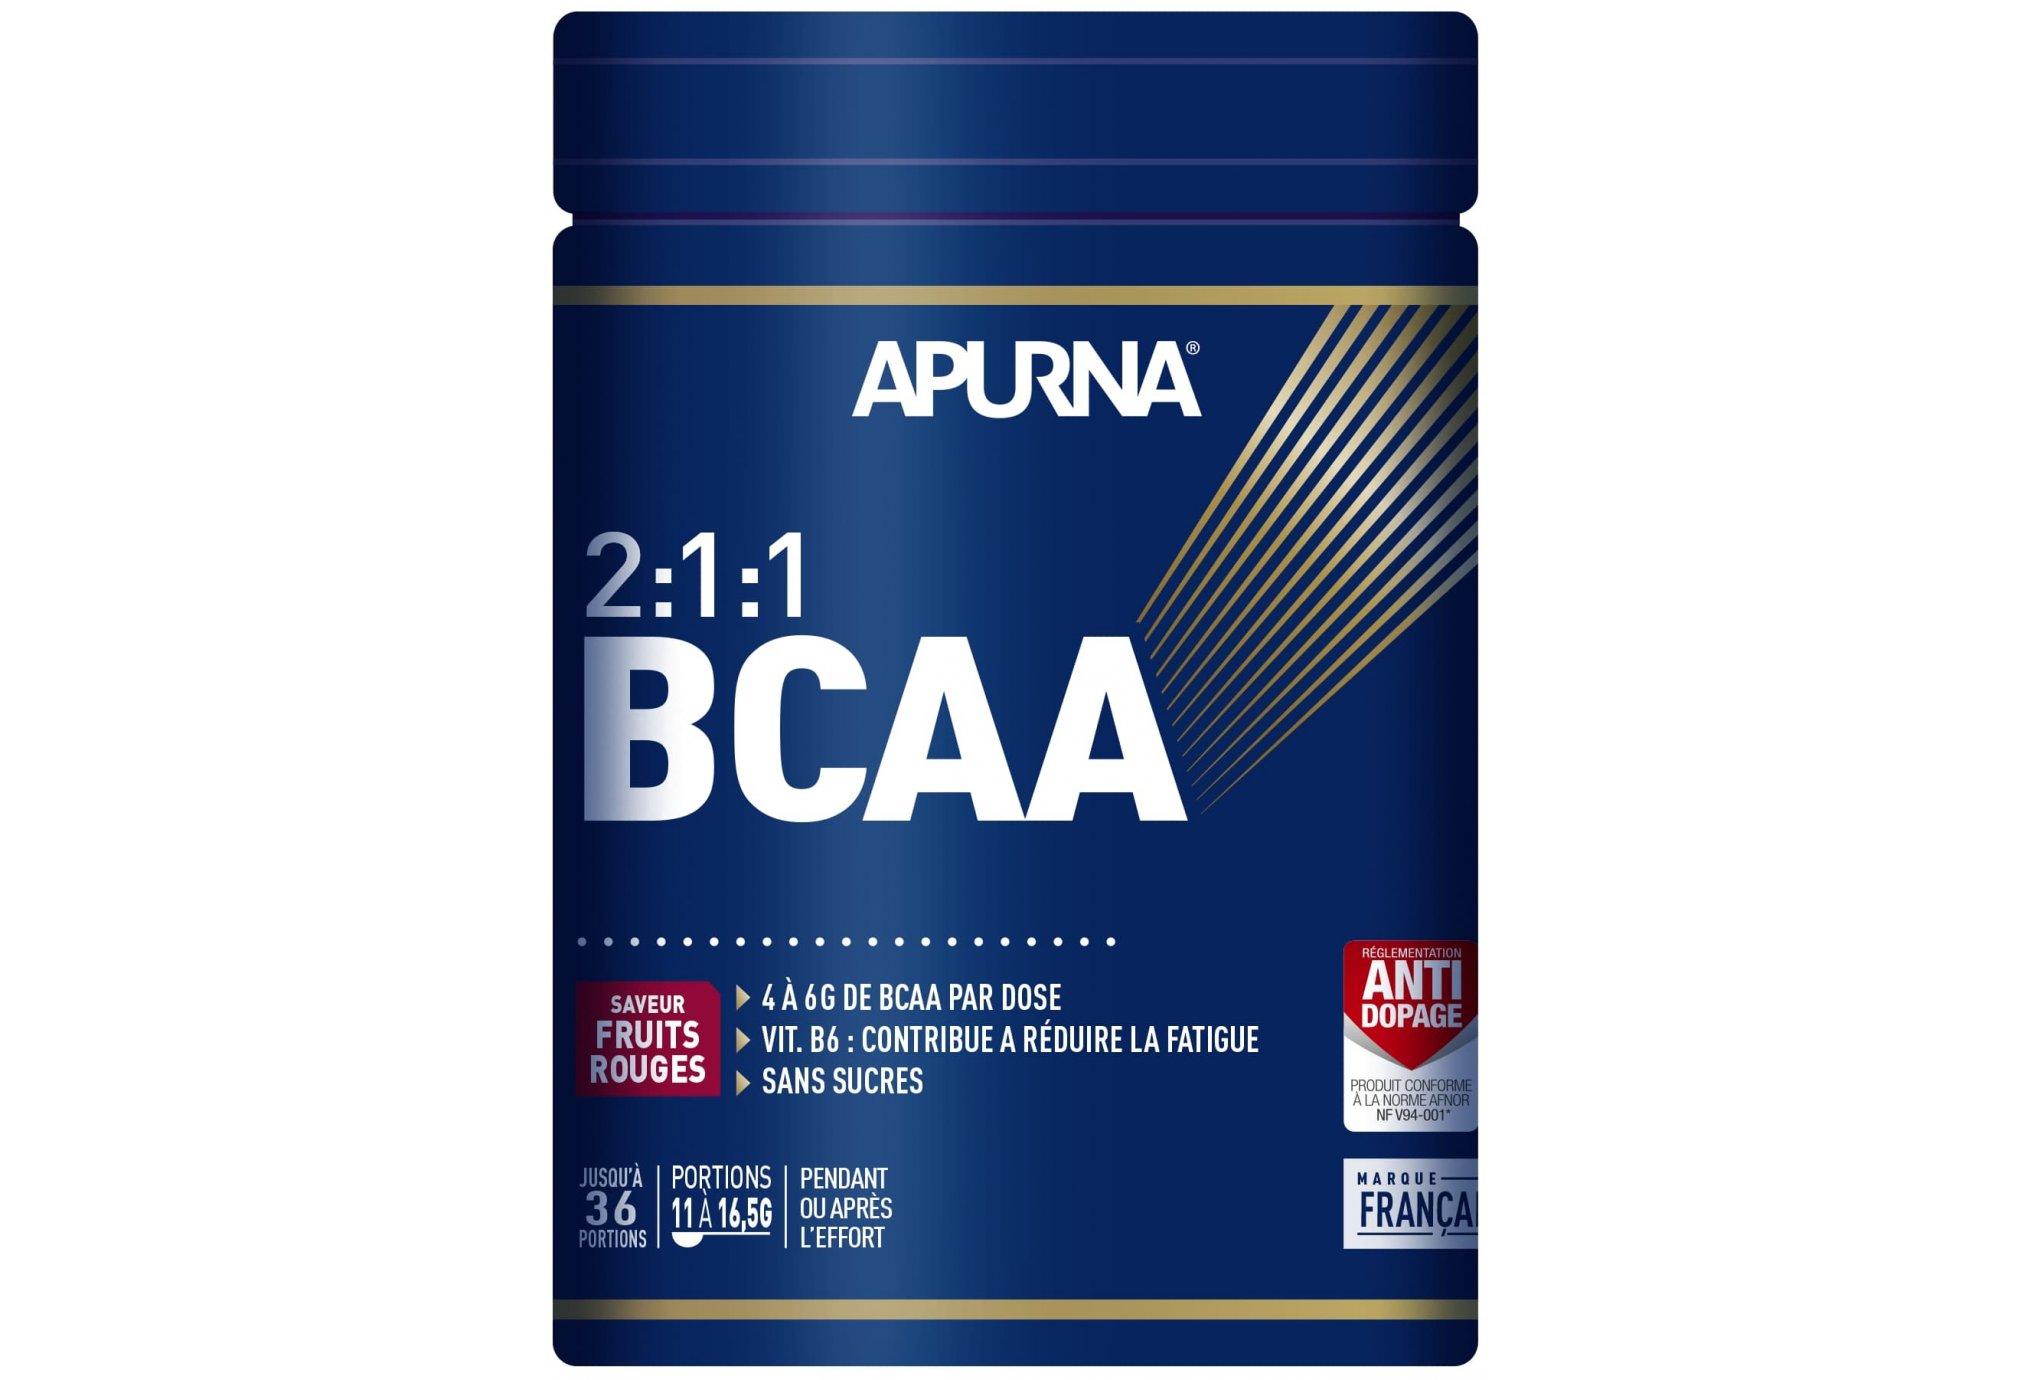 Apurna BCAA 2.1.1 - Fruits rouges - 400 g Diététique Protéines / récupération